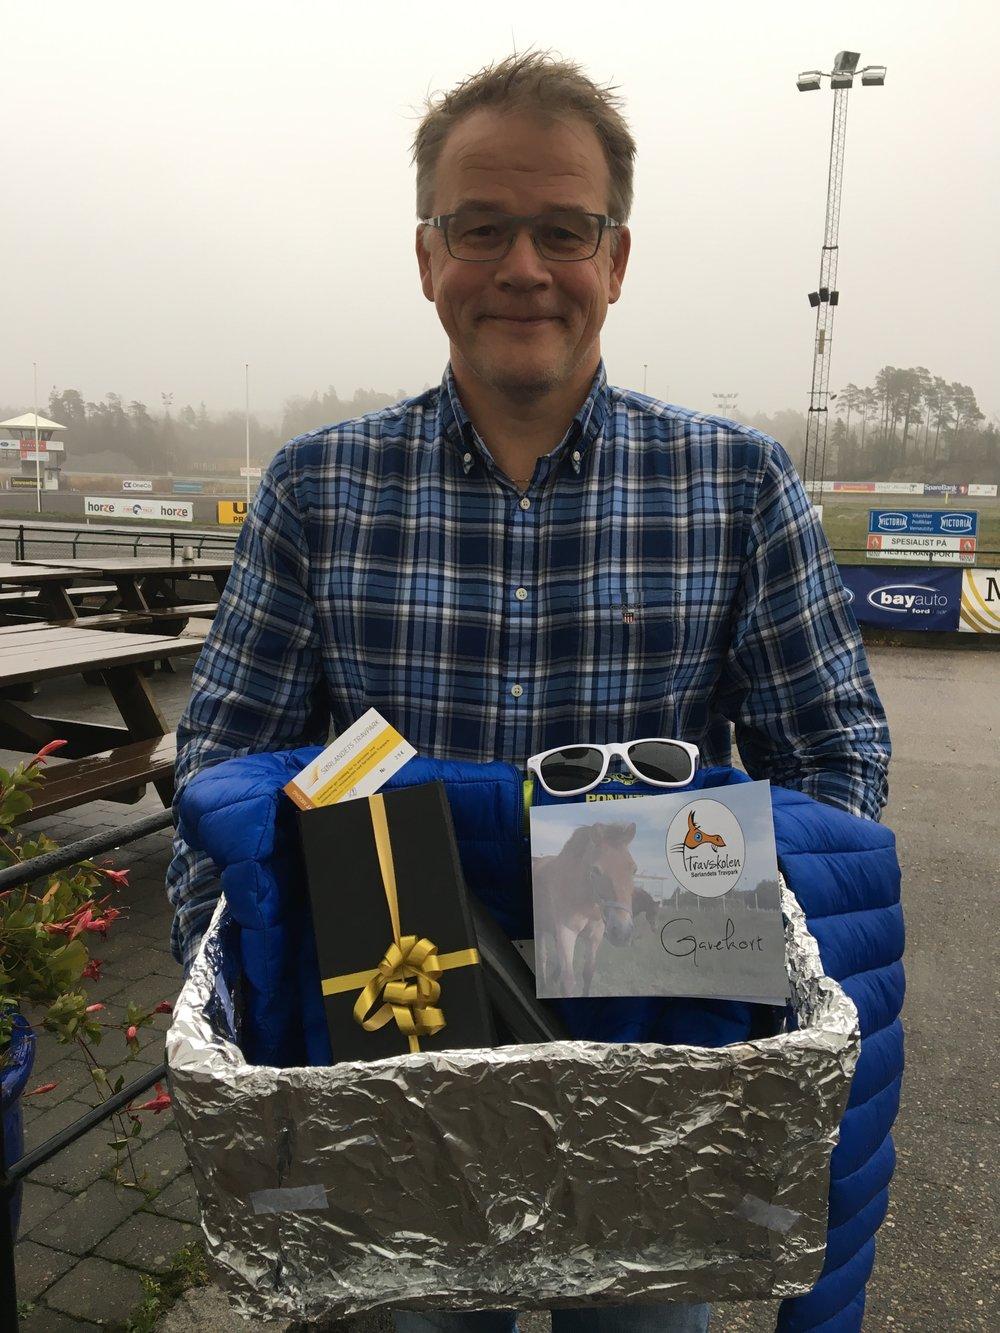 Daglig leder Kjetil Olsen med gaveesken til farsdagen som vi trekker ut til èn heldig pappa. Foto: Richard Ekhaugen.